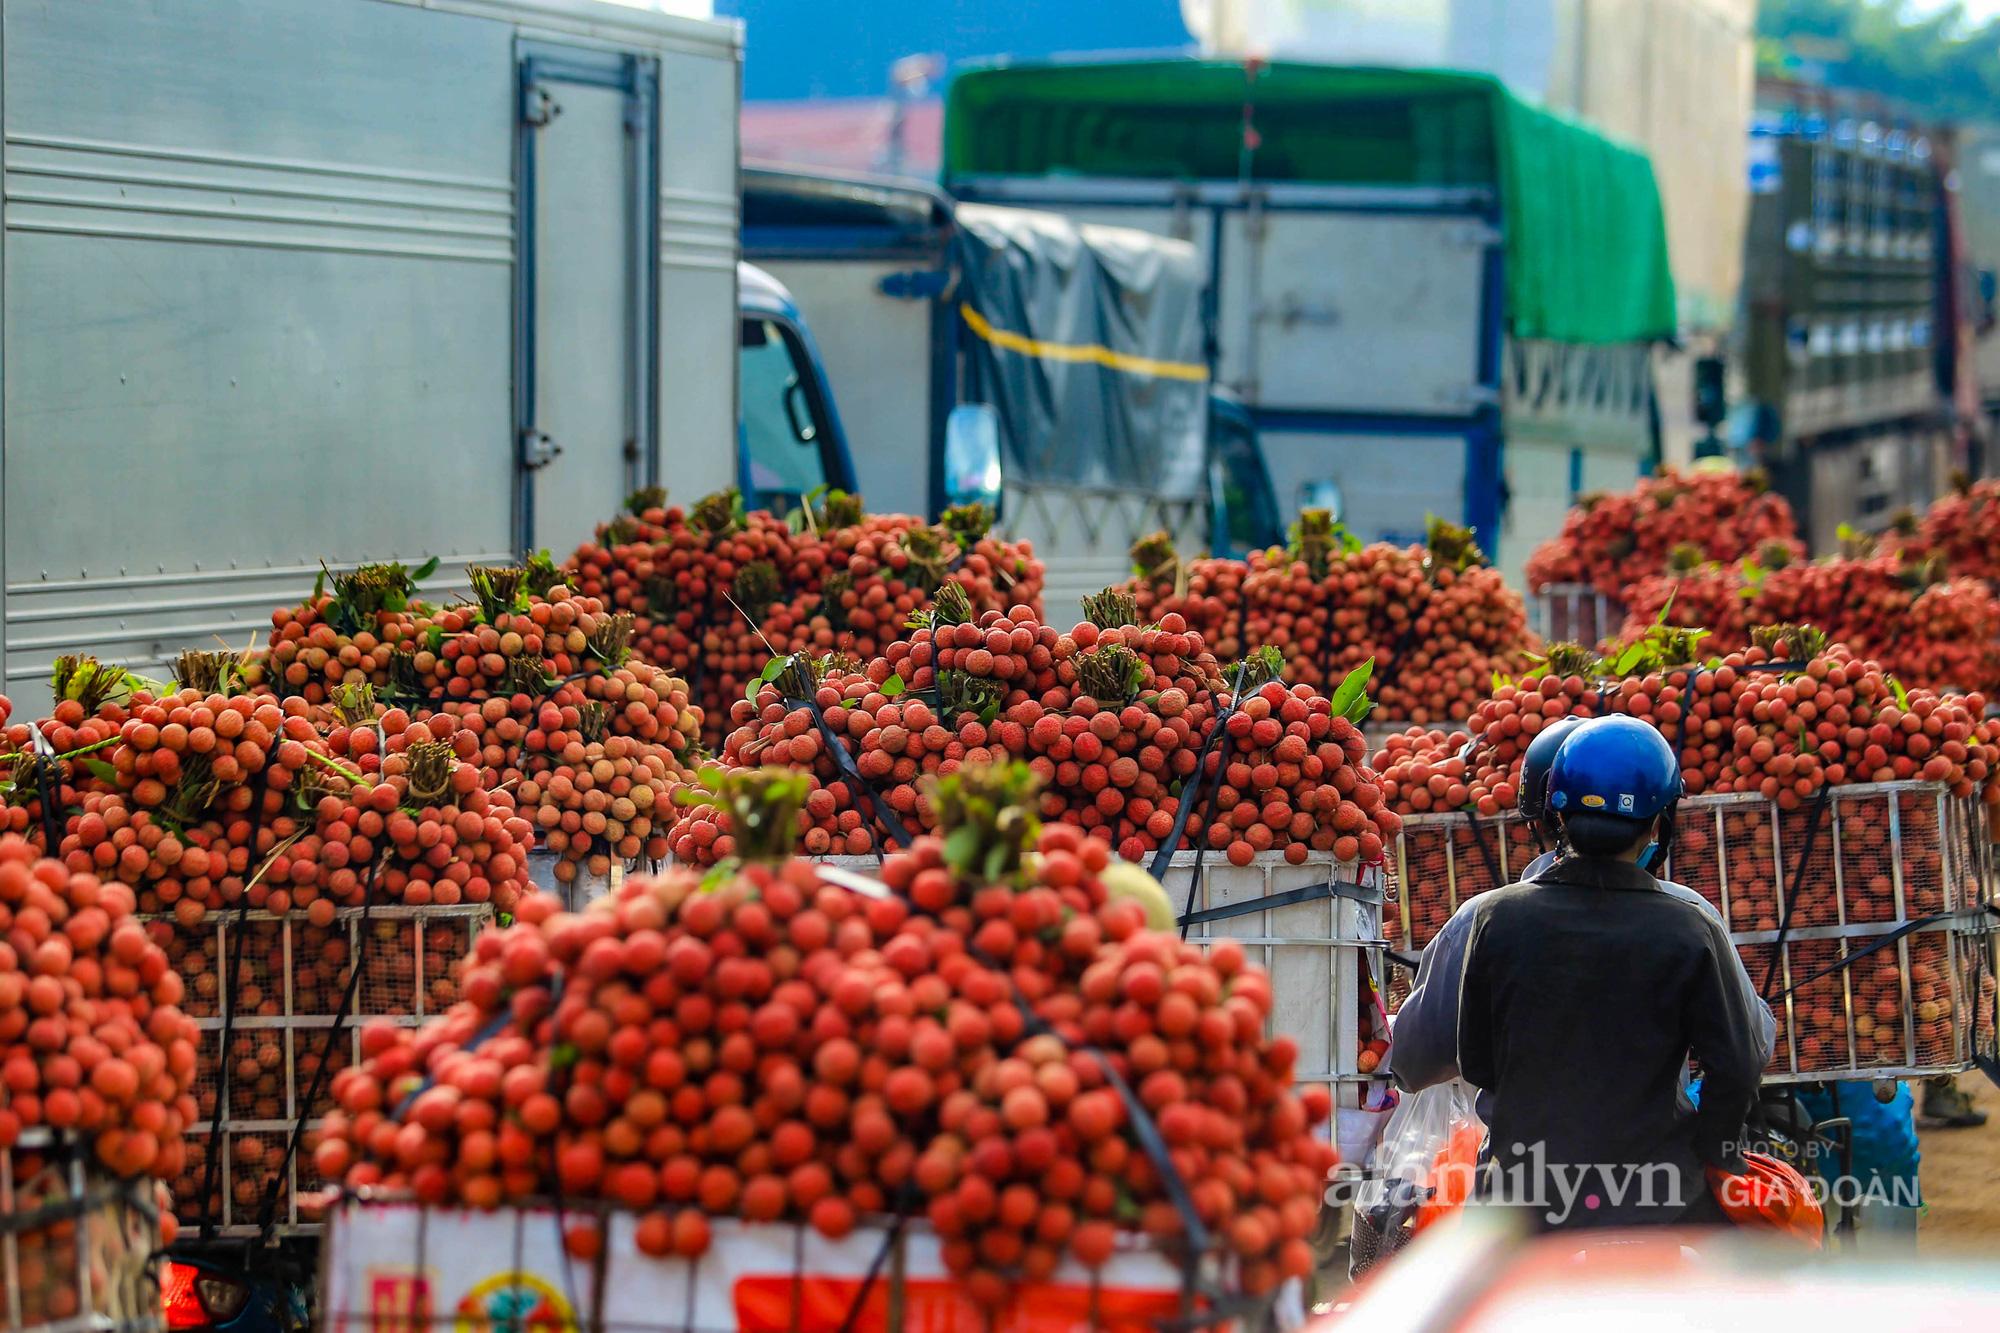 Chợ vải Bắc Giang nhộn nhịp vào mùa - Ảnh 17.